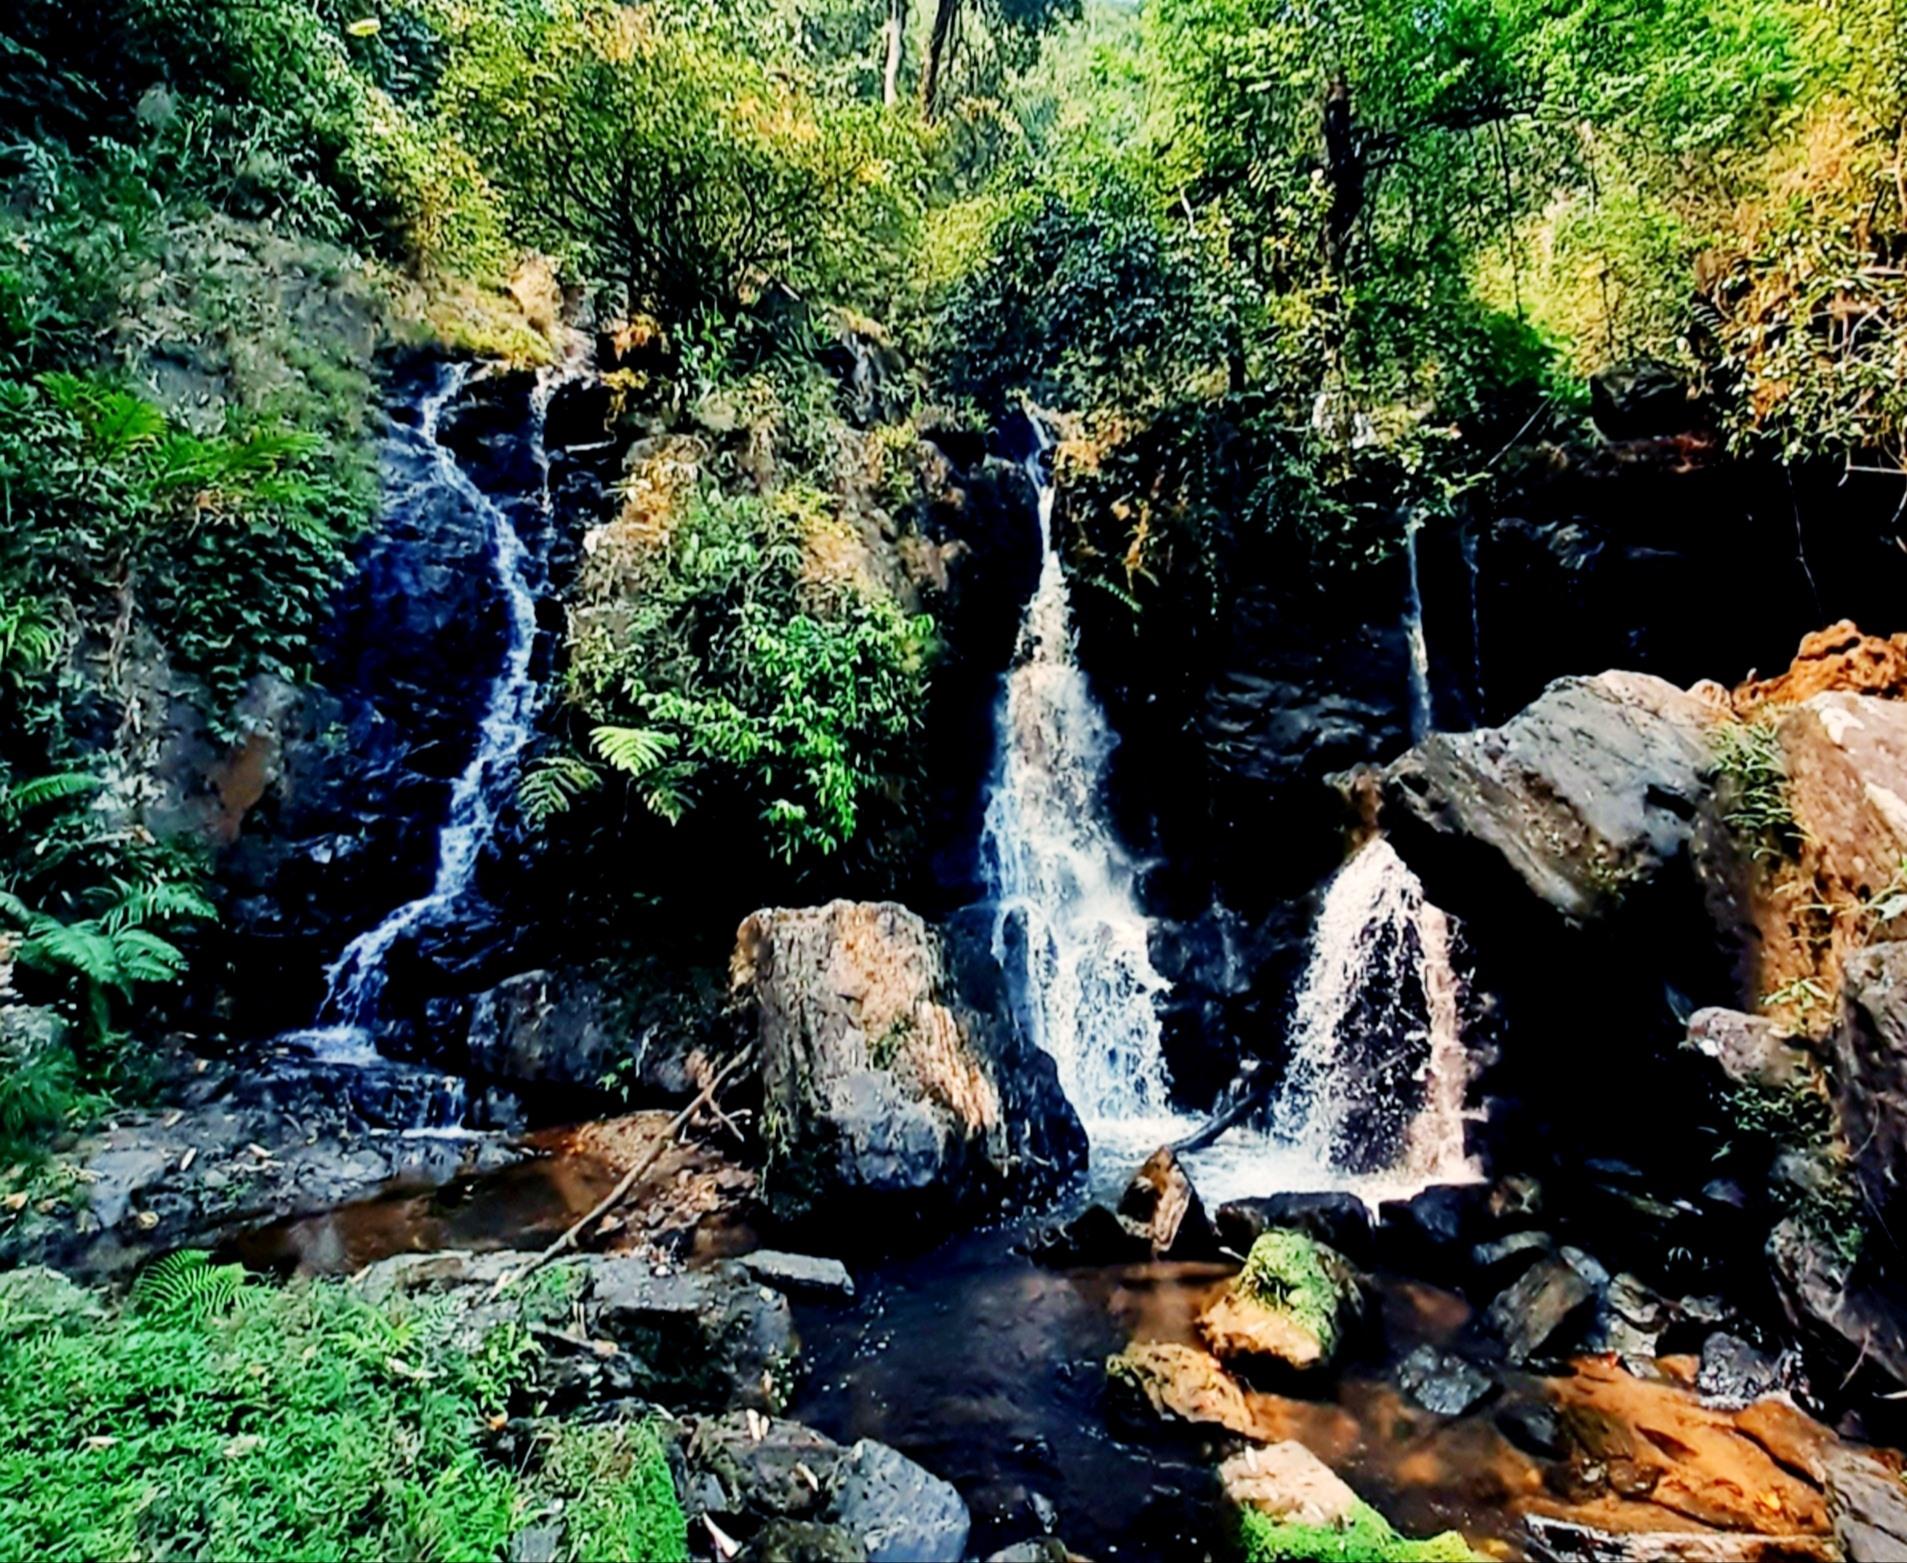 Ngoài suối nước trong mát, điểm cộng nữa ở thác R'măng là hệ thực vật phong phú, đầy quyến rũ. Ảnh: N.L